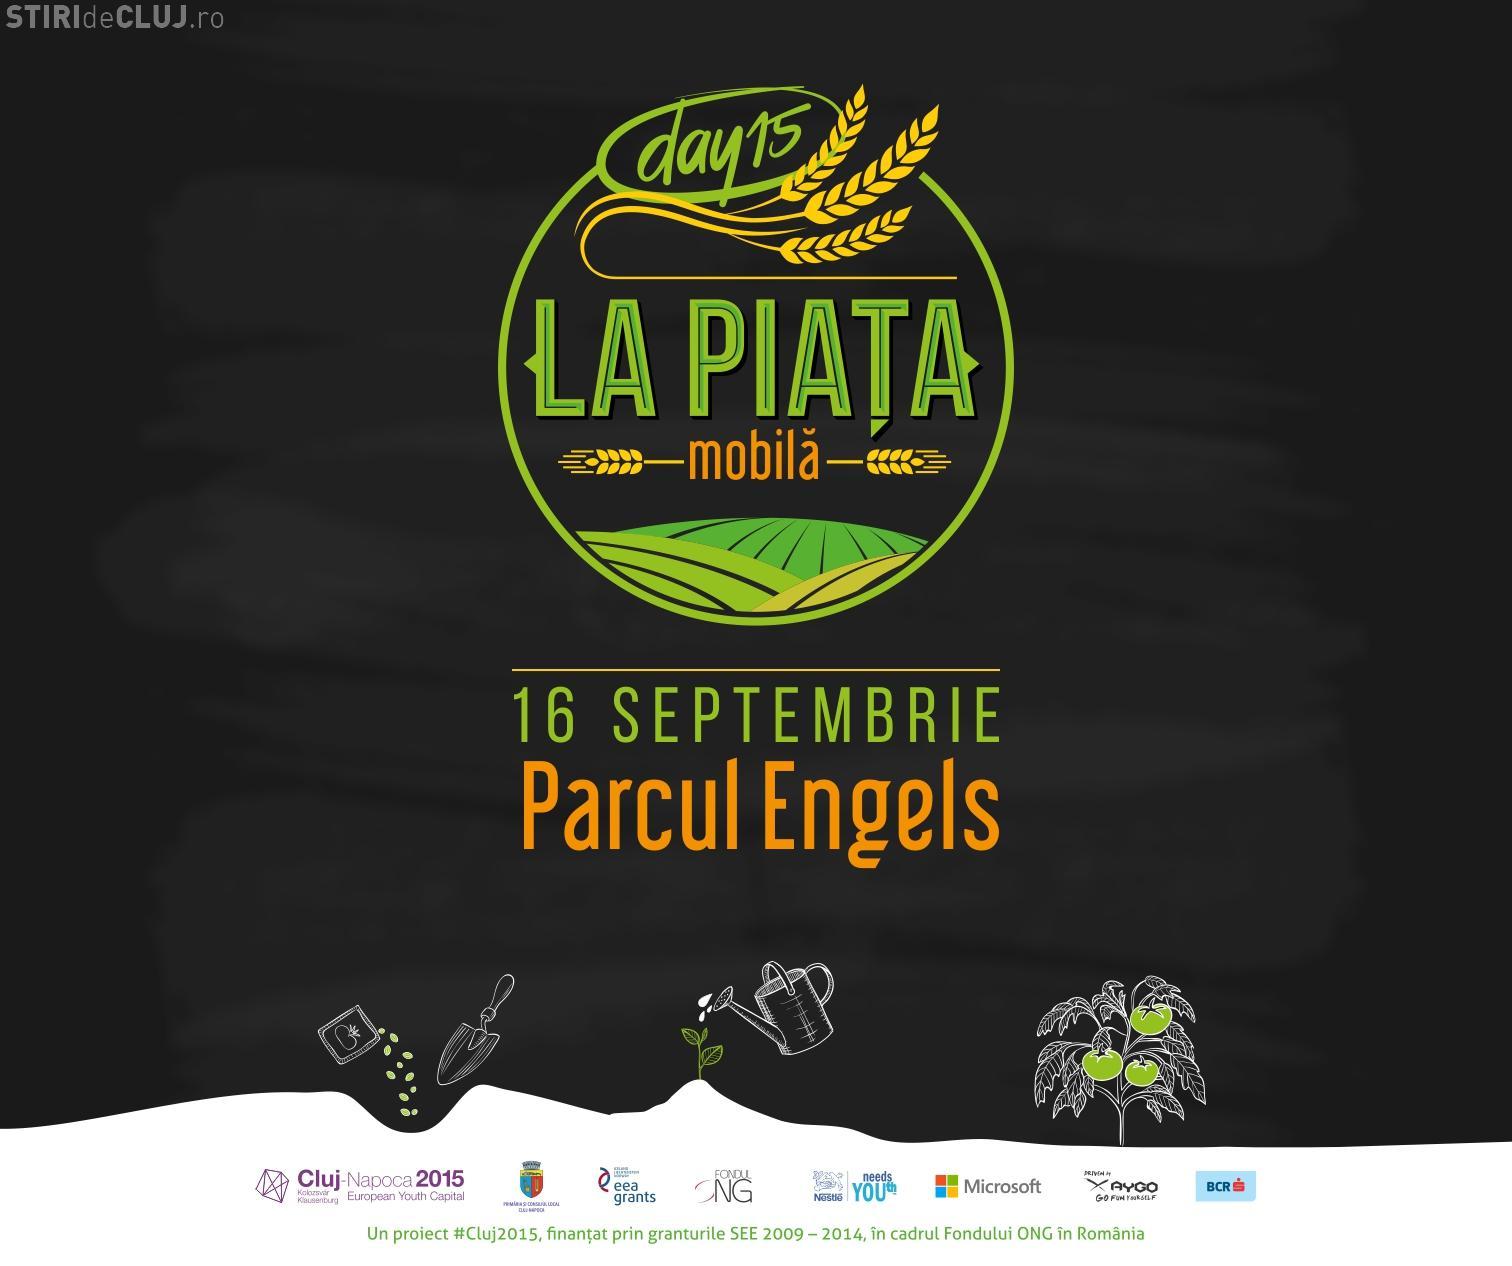 Piată mobilă cu producători și BUCATE alese - DAY 15 vine la Cluj cu un picnic în Parcul  Engels